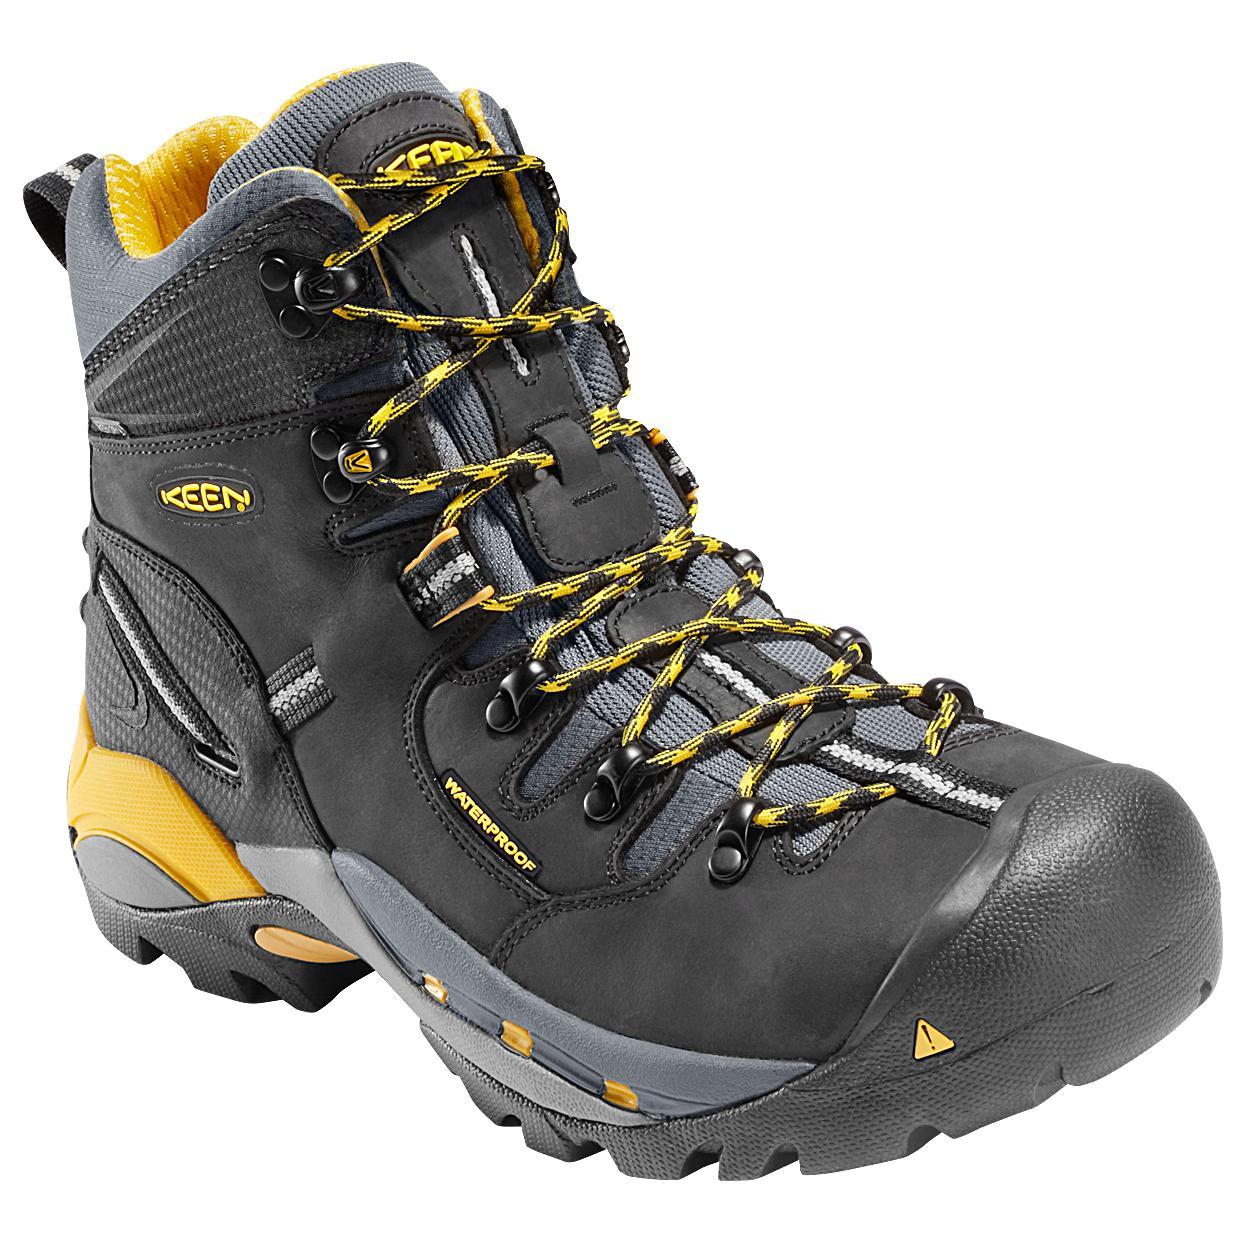 Keen Black Steel Toe Shoes